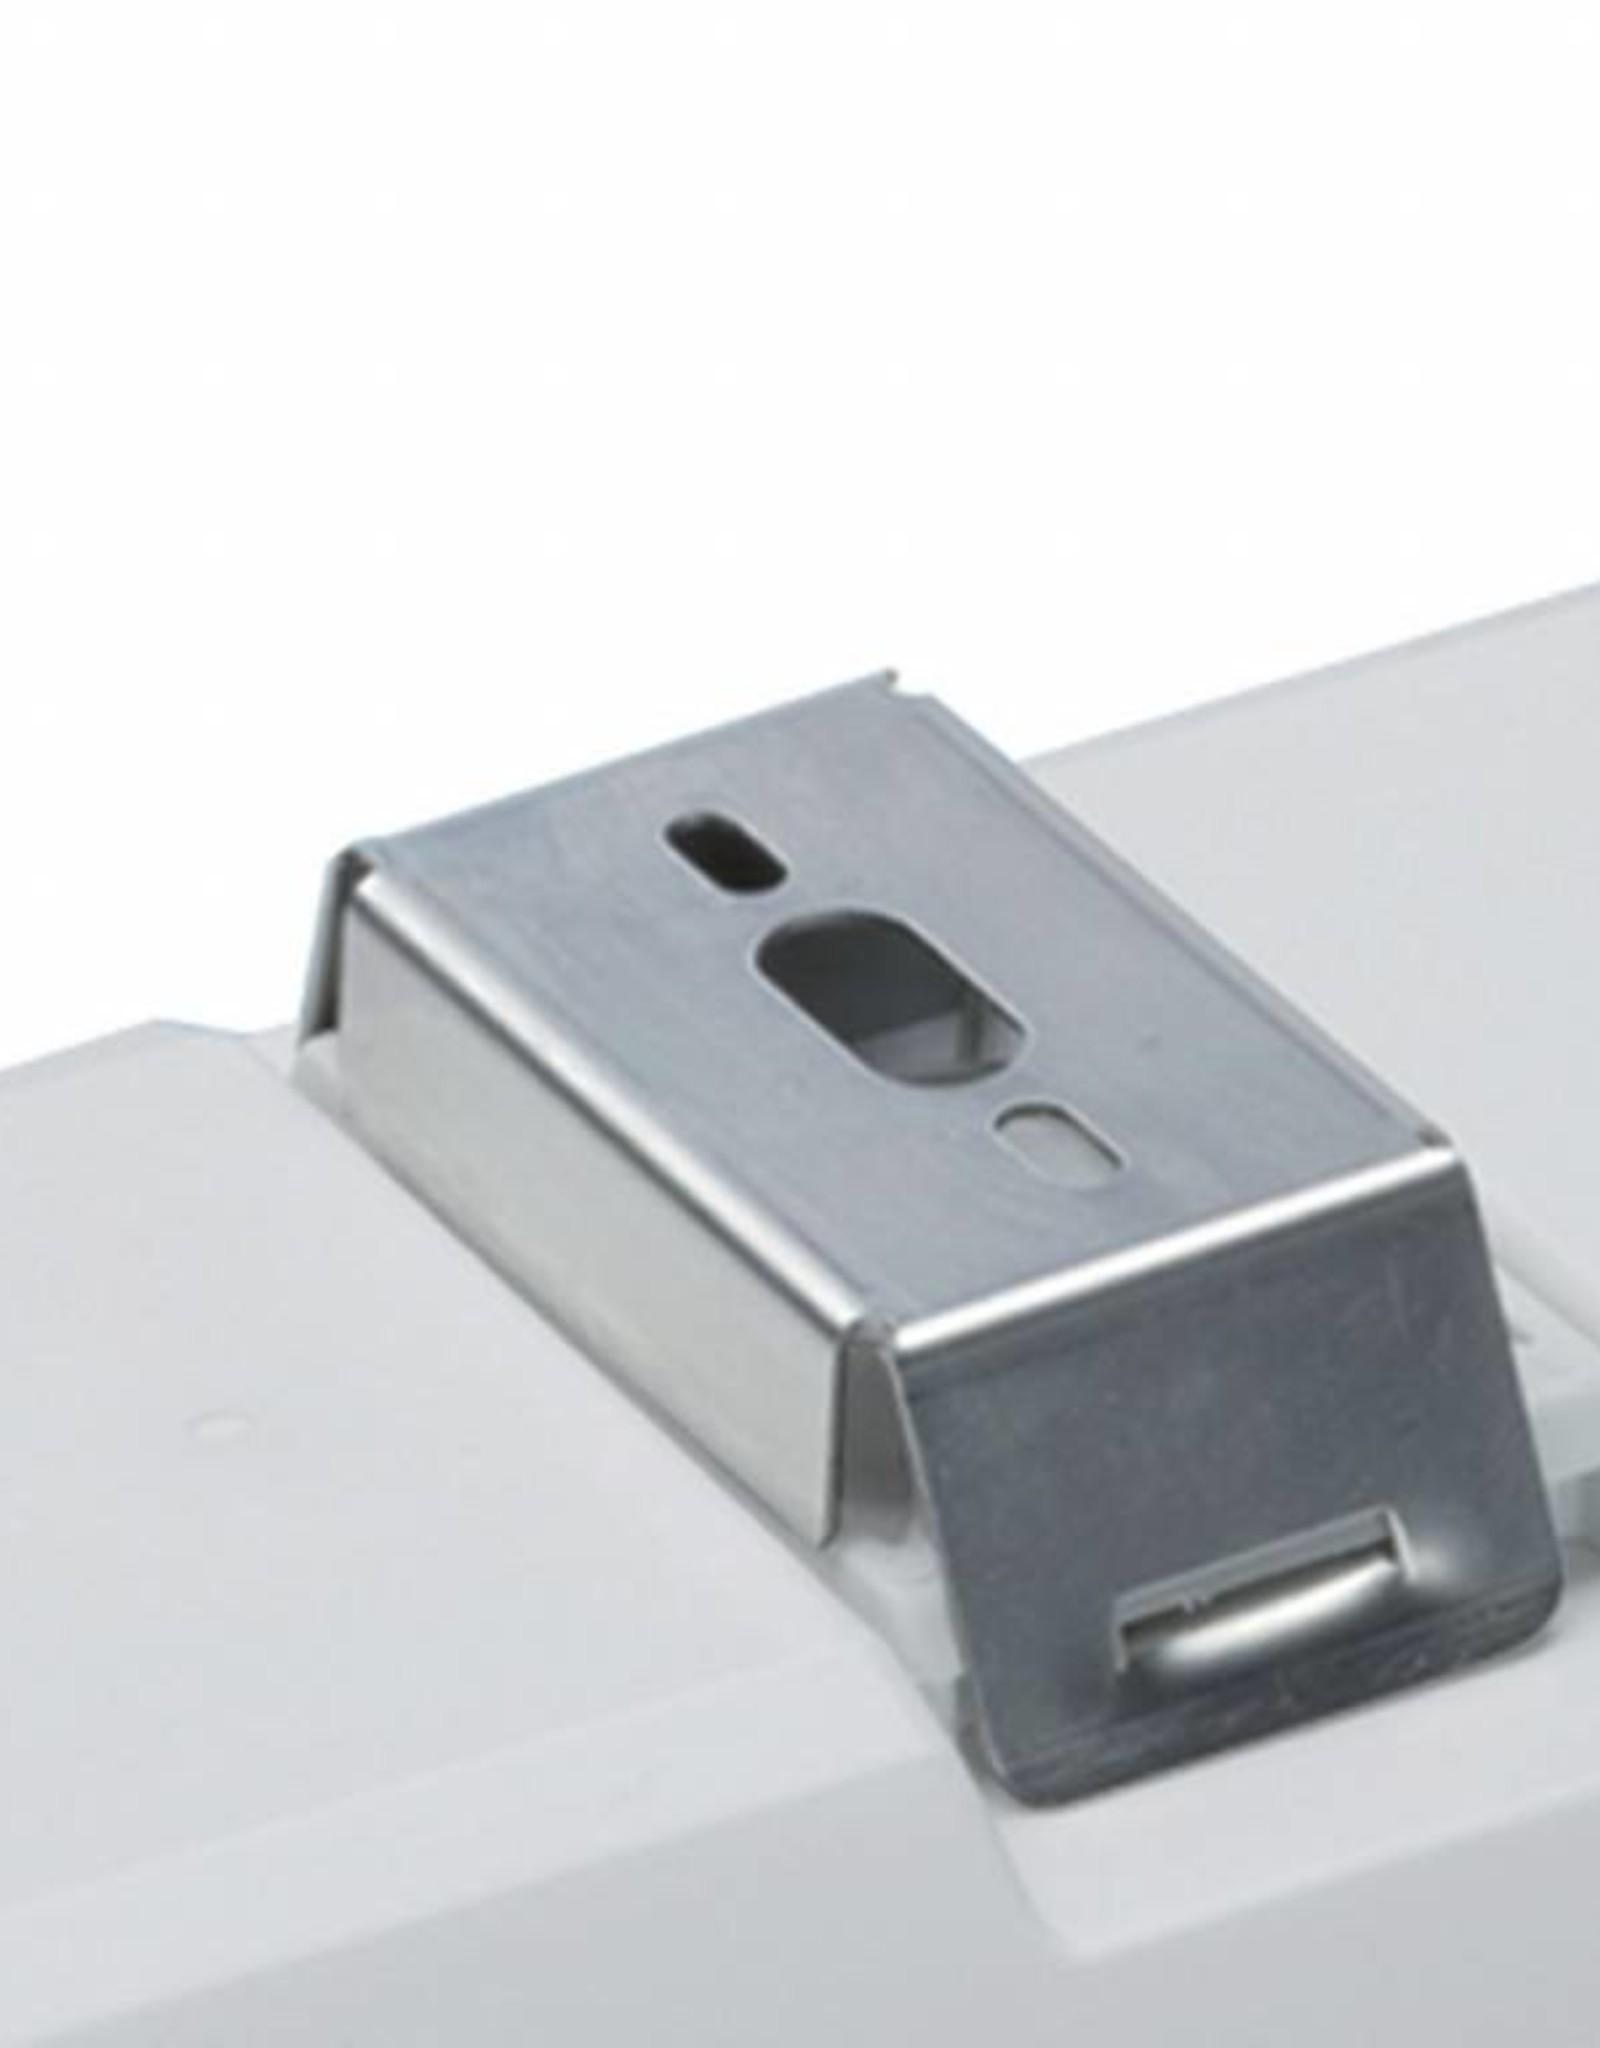 PRIMA FUTURA 2.4ft ABSc Al 8800/840 DALI